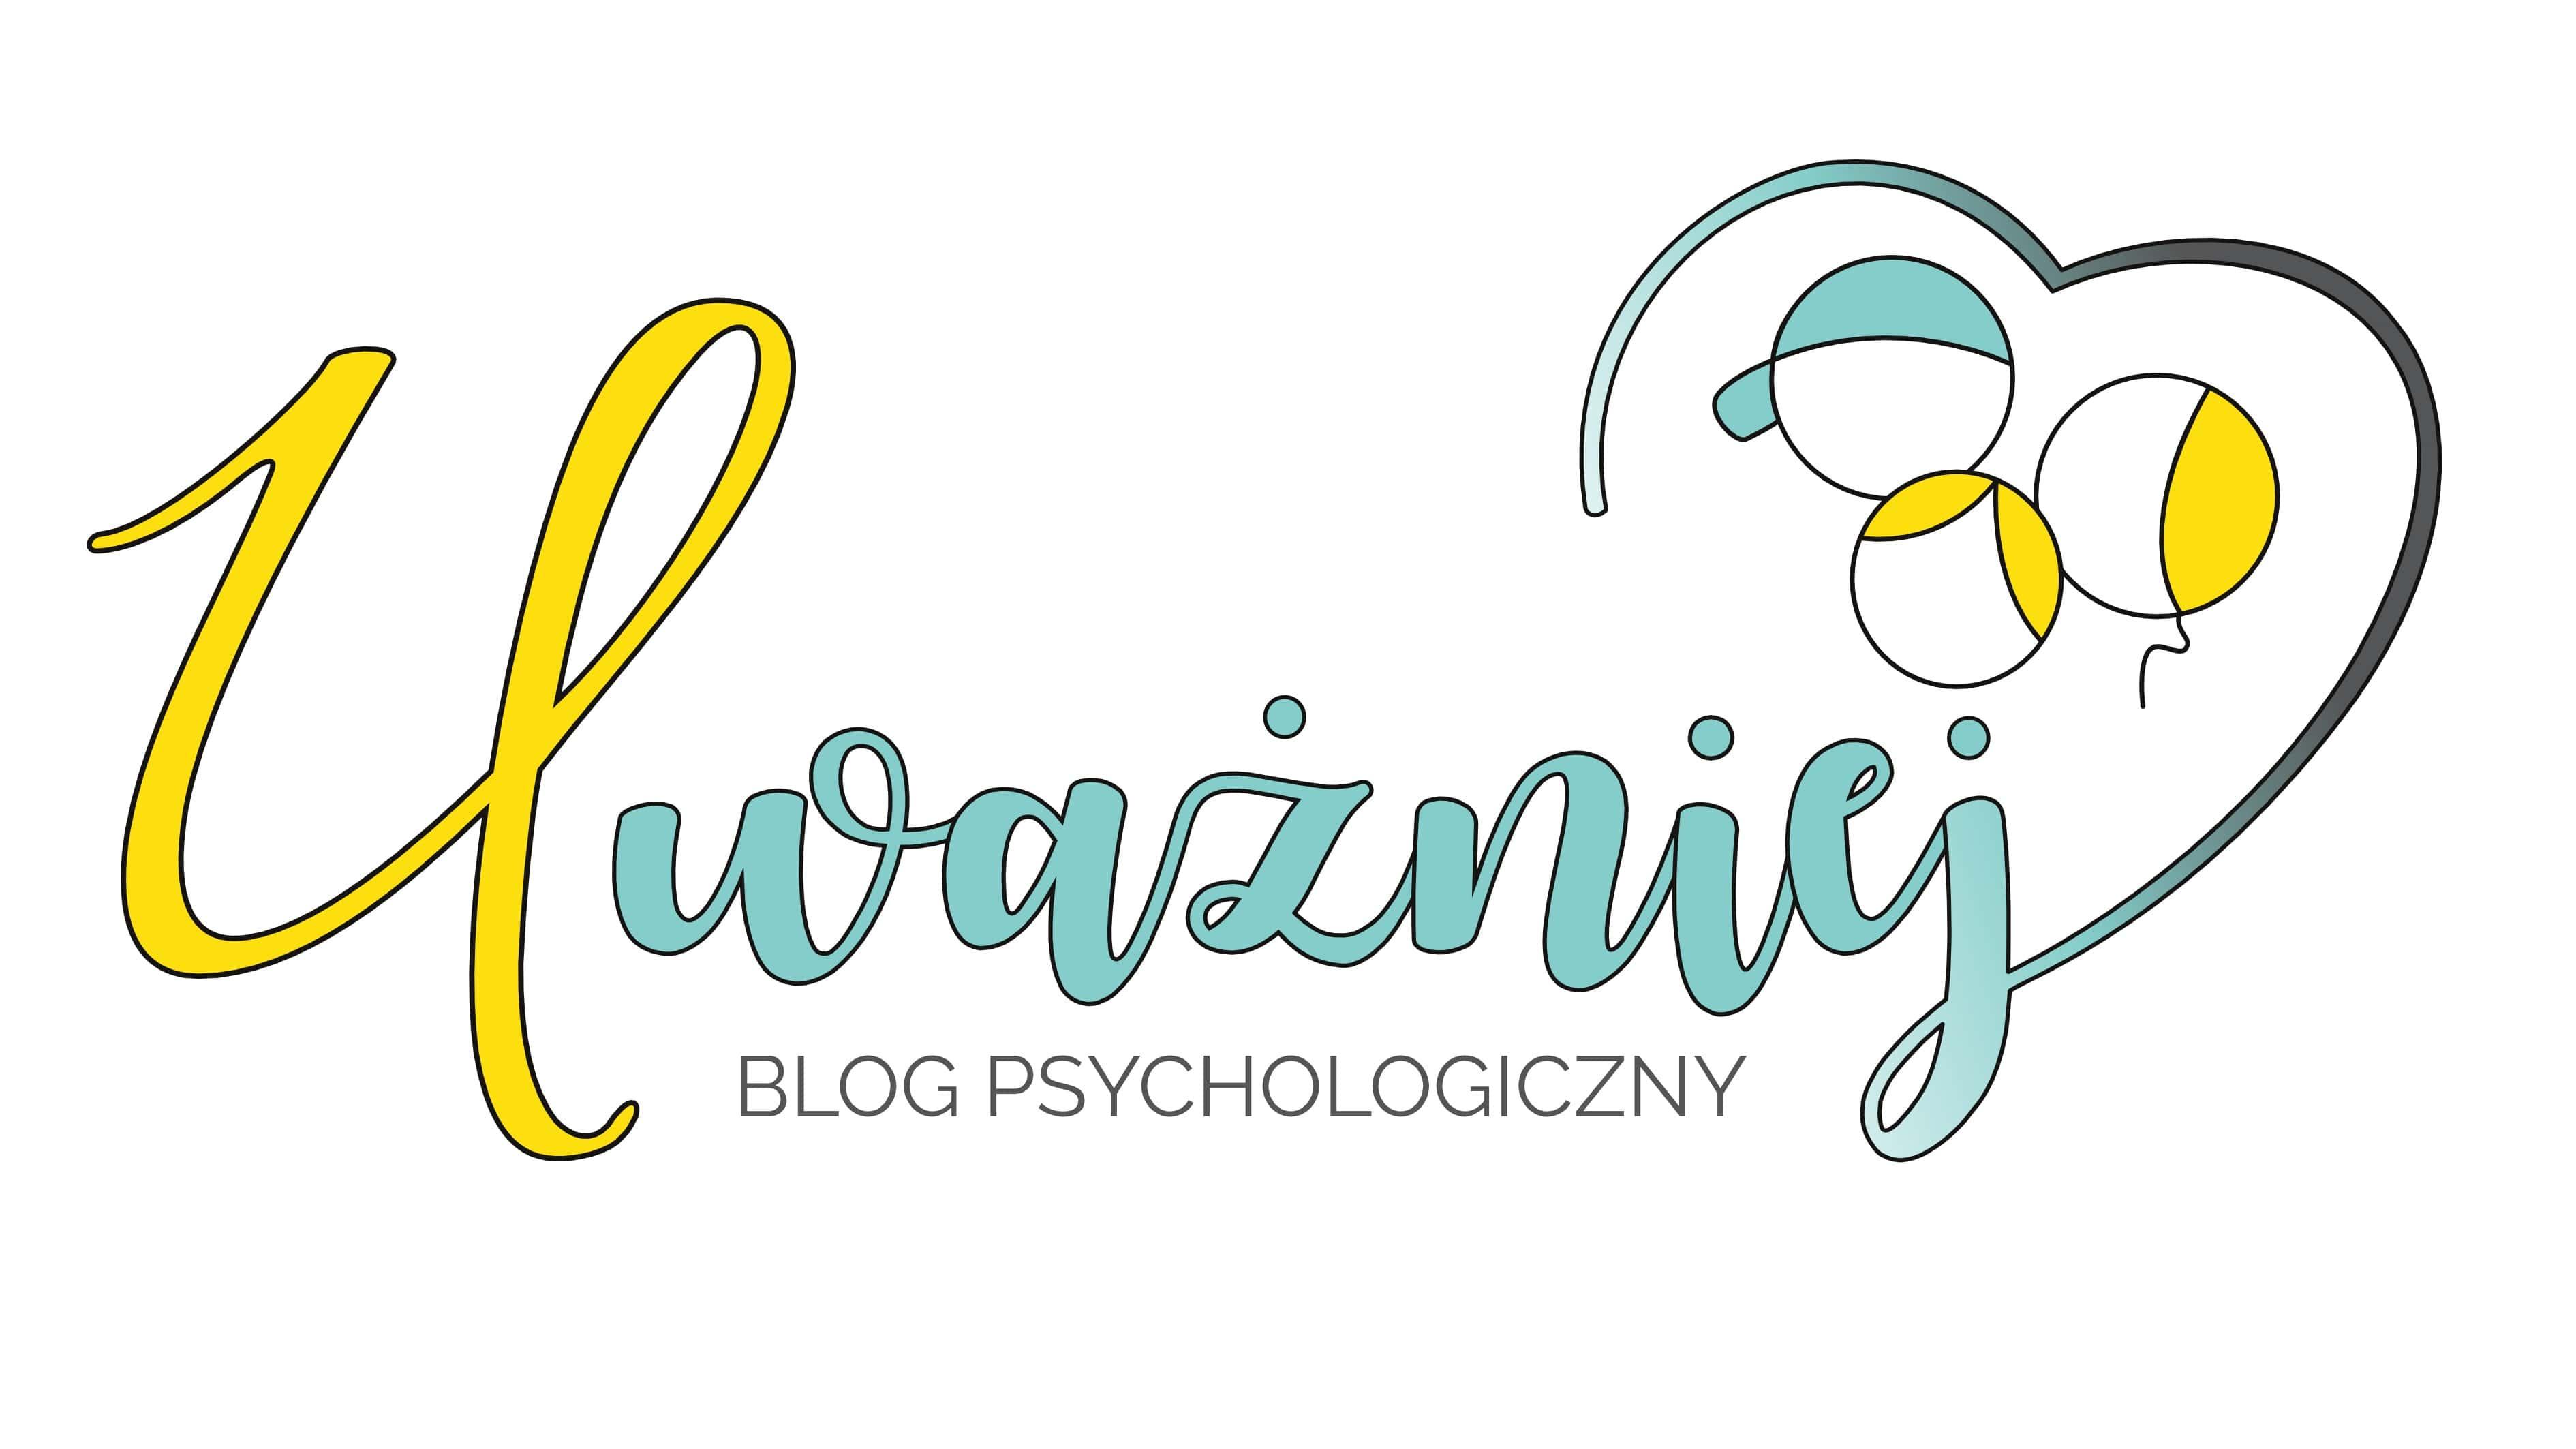 Uważniej.pl | Blog psychologiczny dla świadomych kobiet